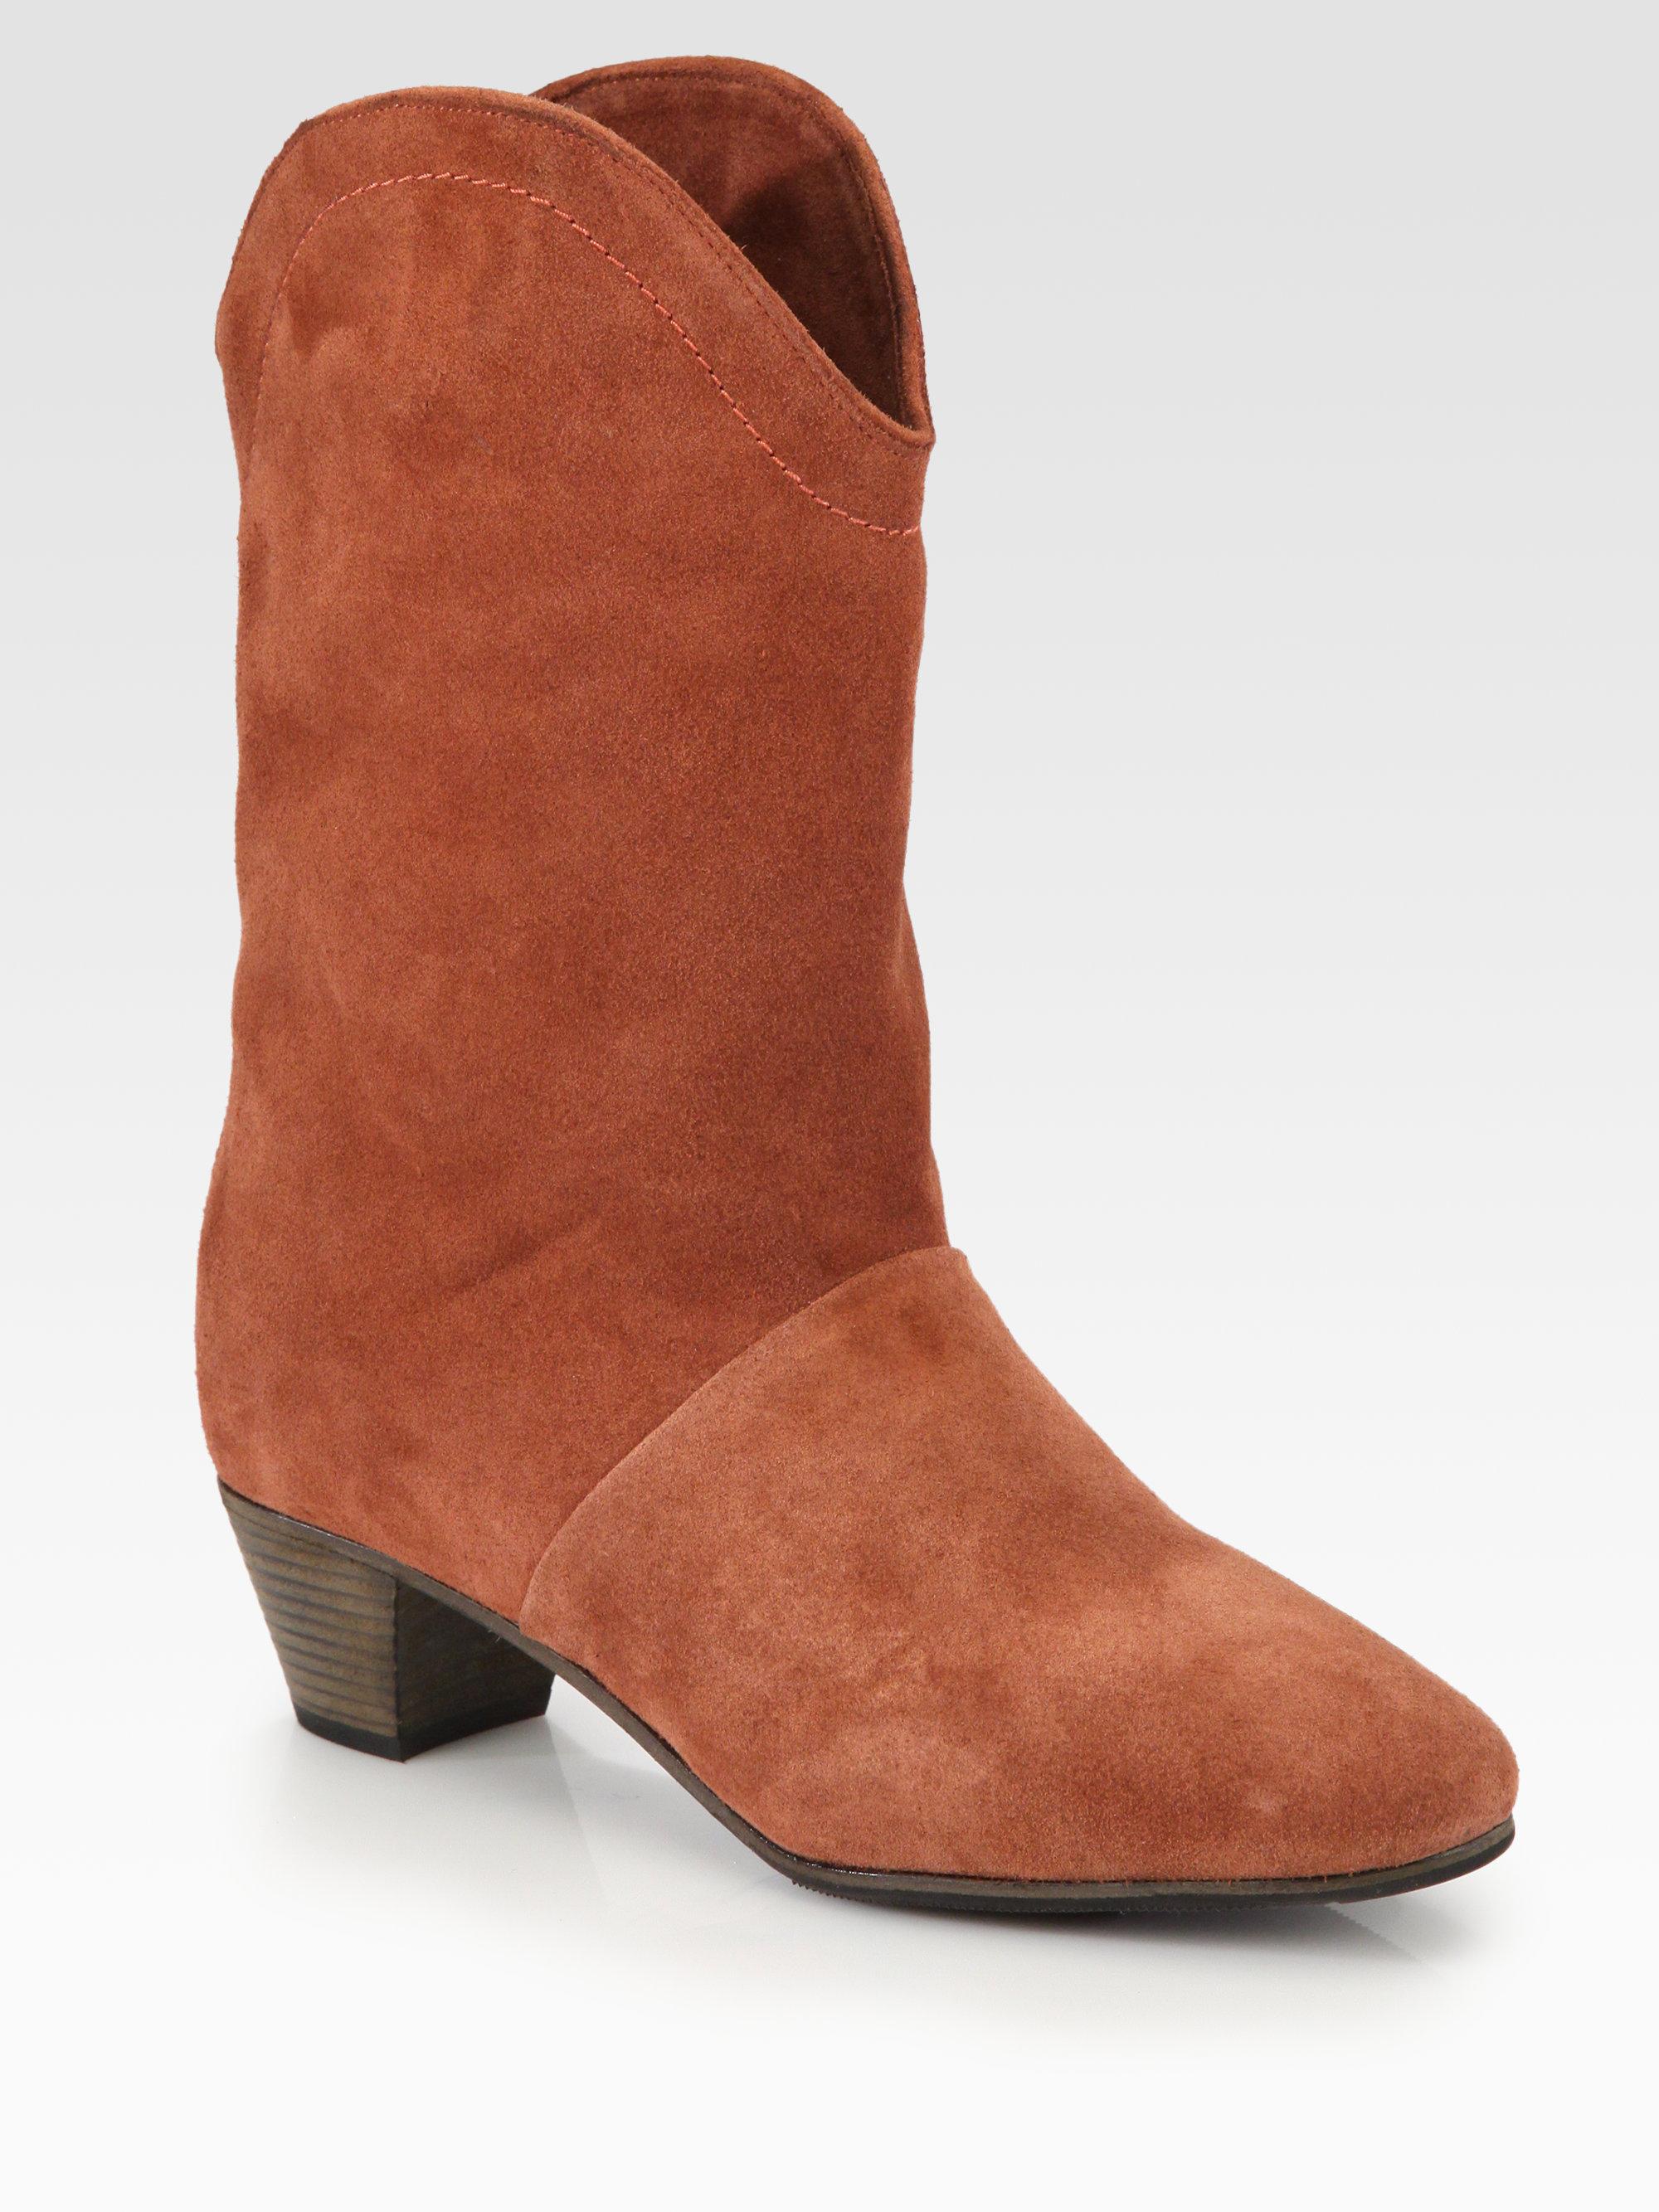 vintage suede boot